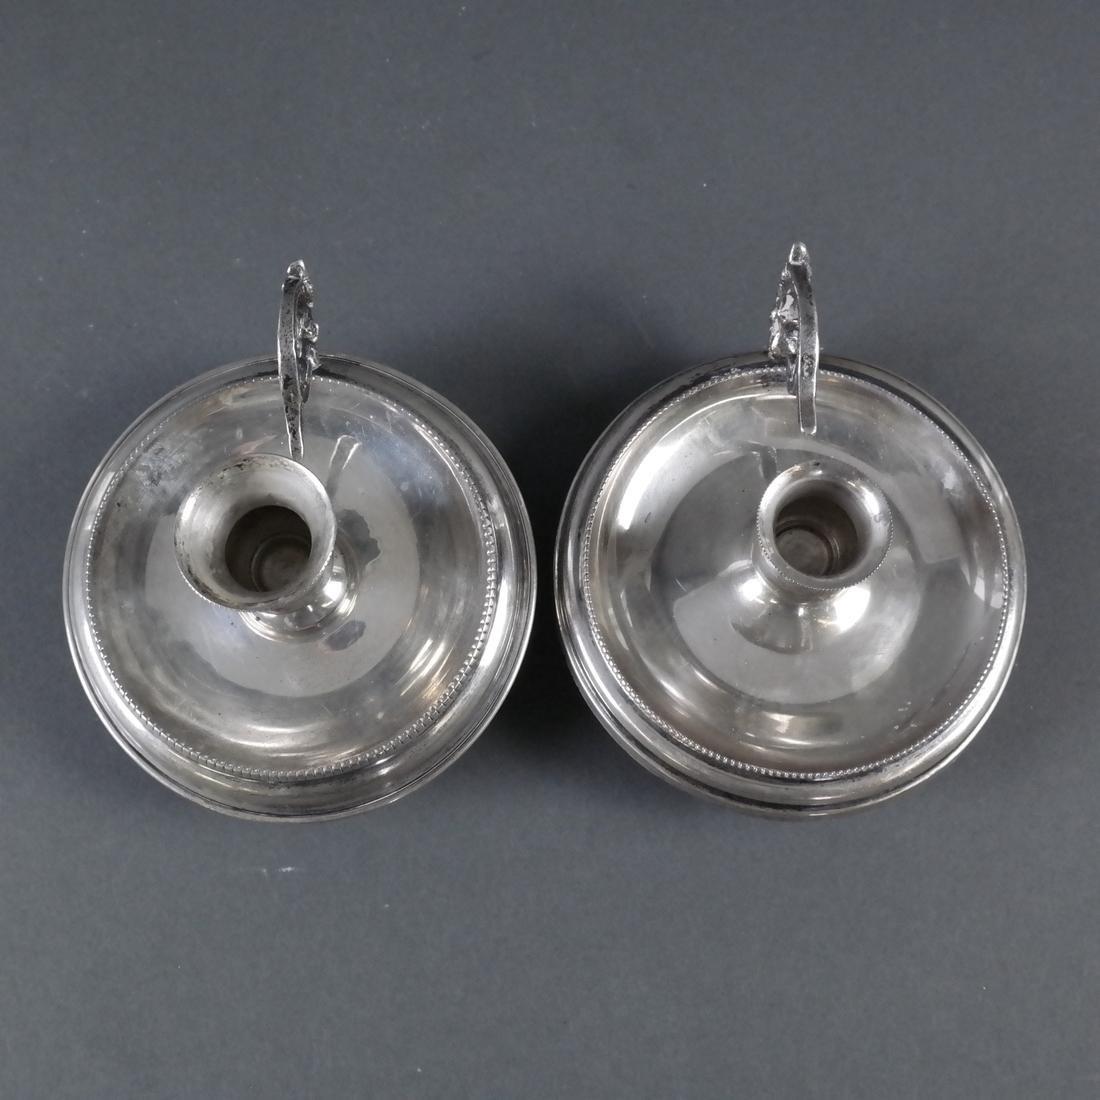 Pair .800 Standard Silver Chamber Sticks - 6